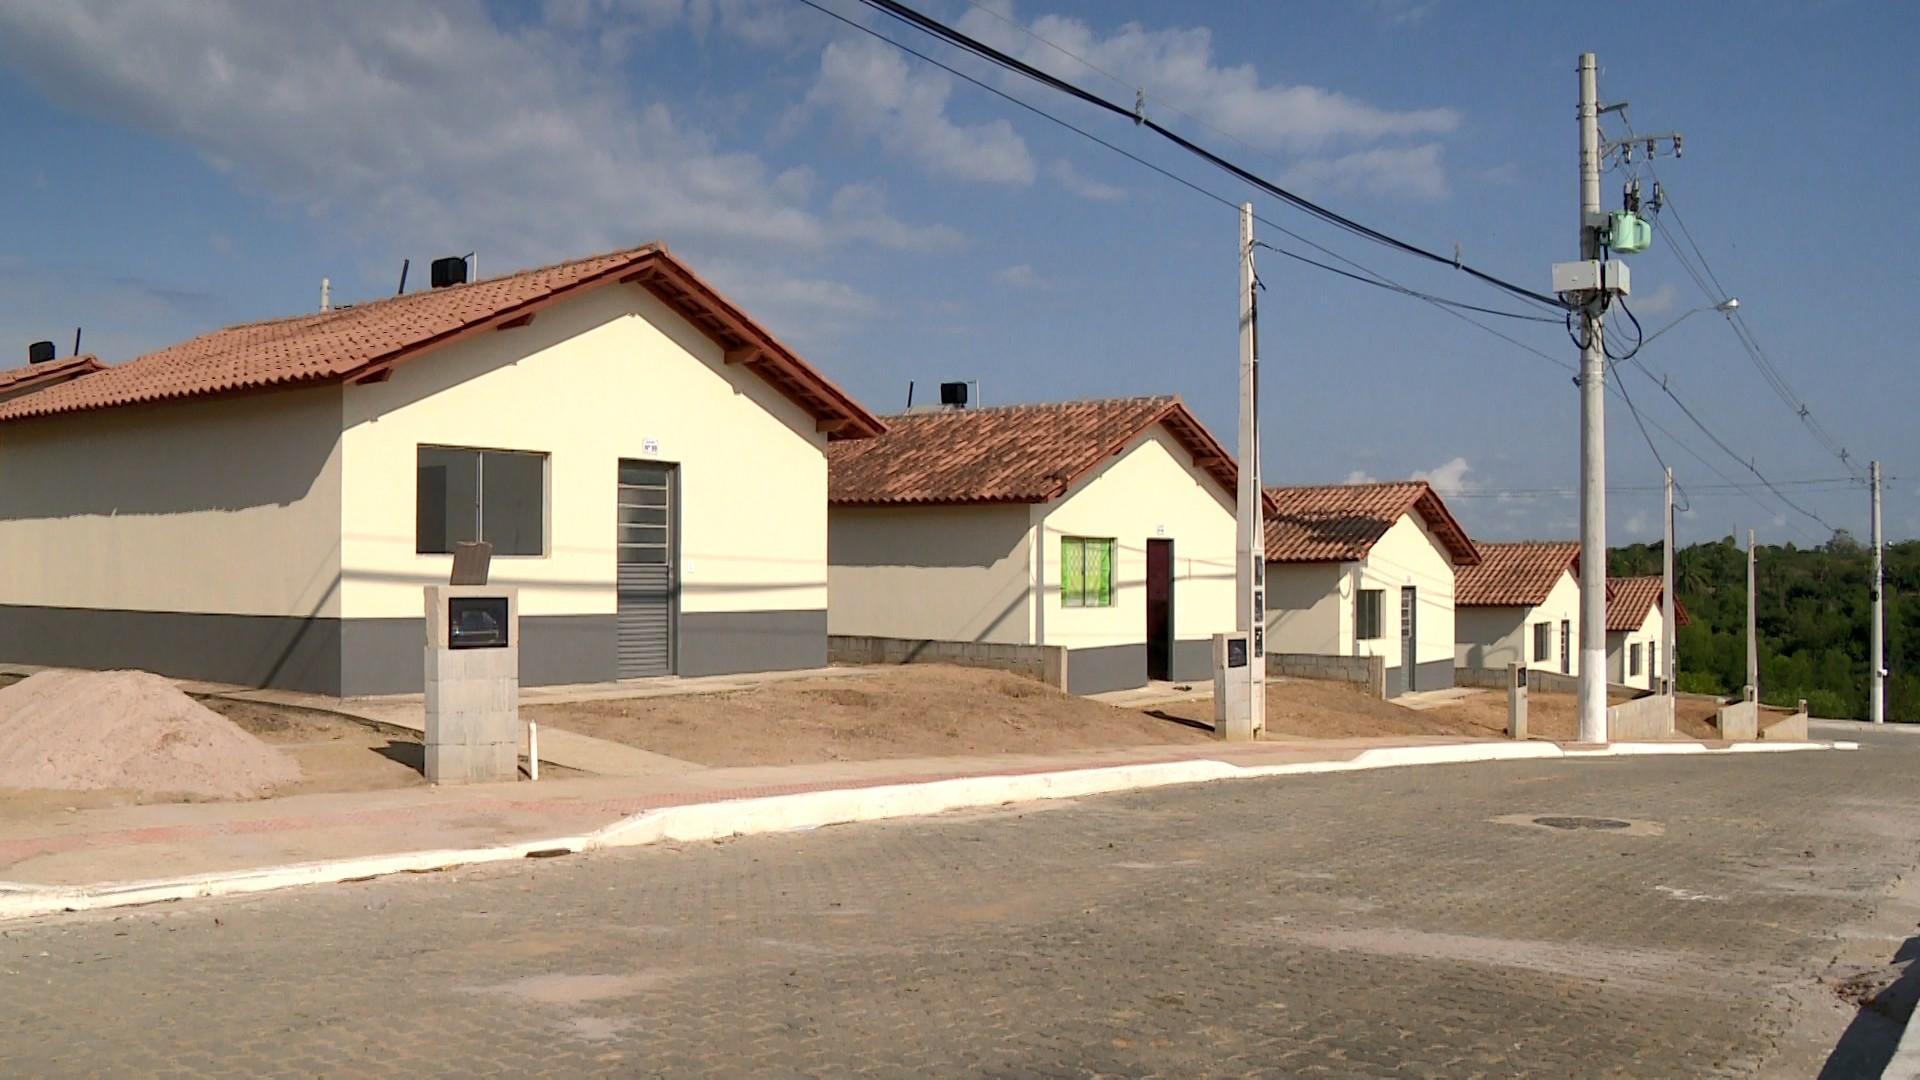 Uma semana após inauguração por Bolsonaro, casas são anunciadas em site